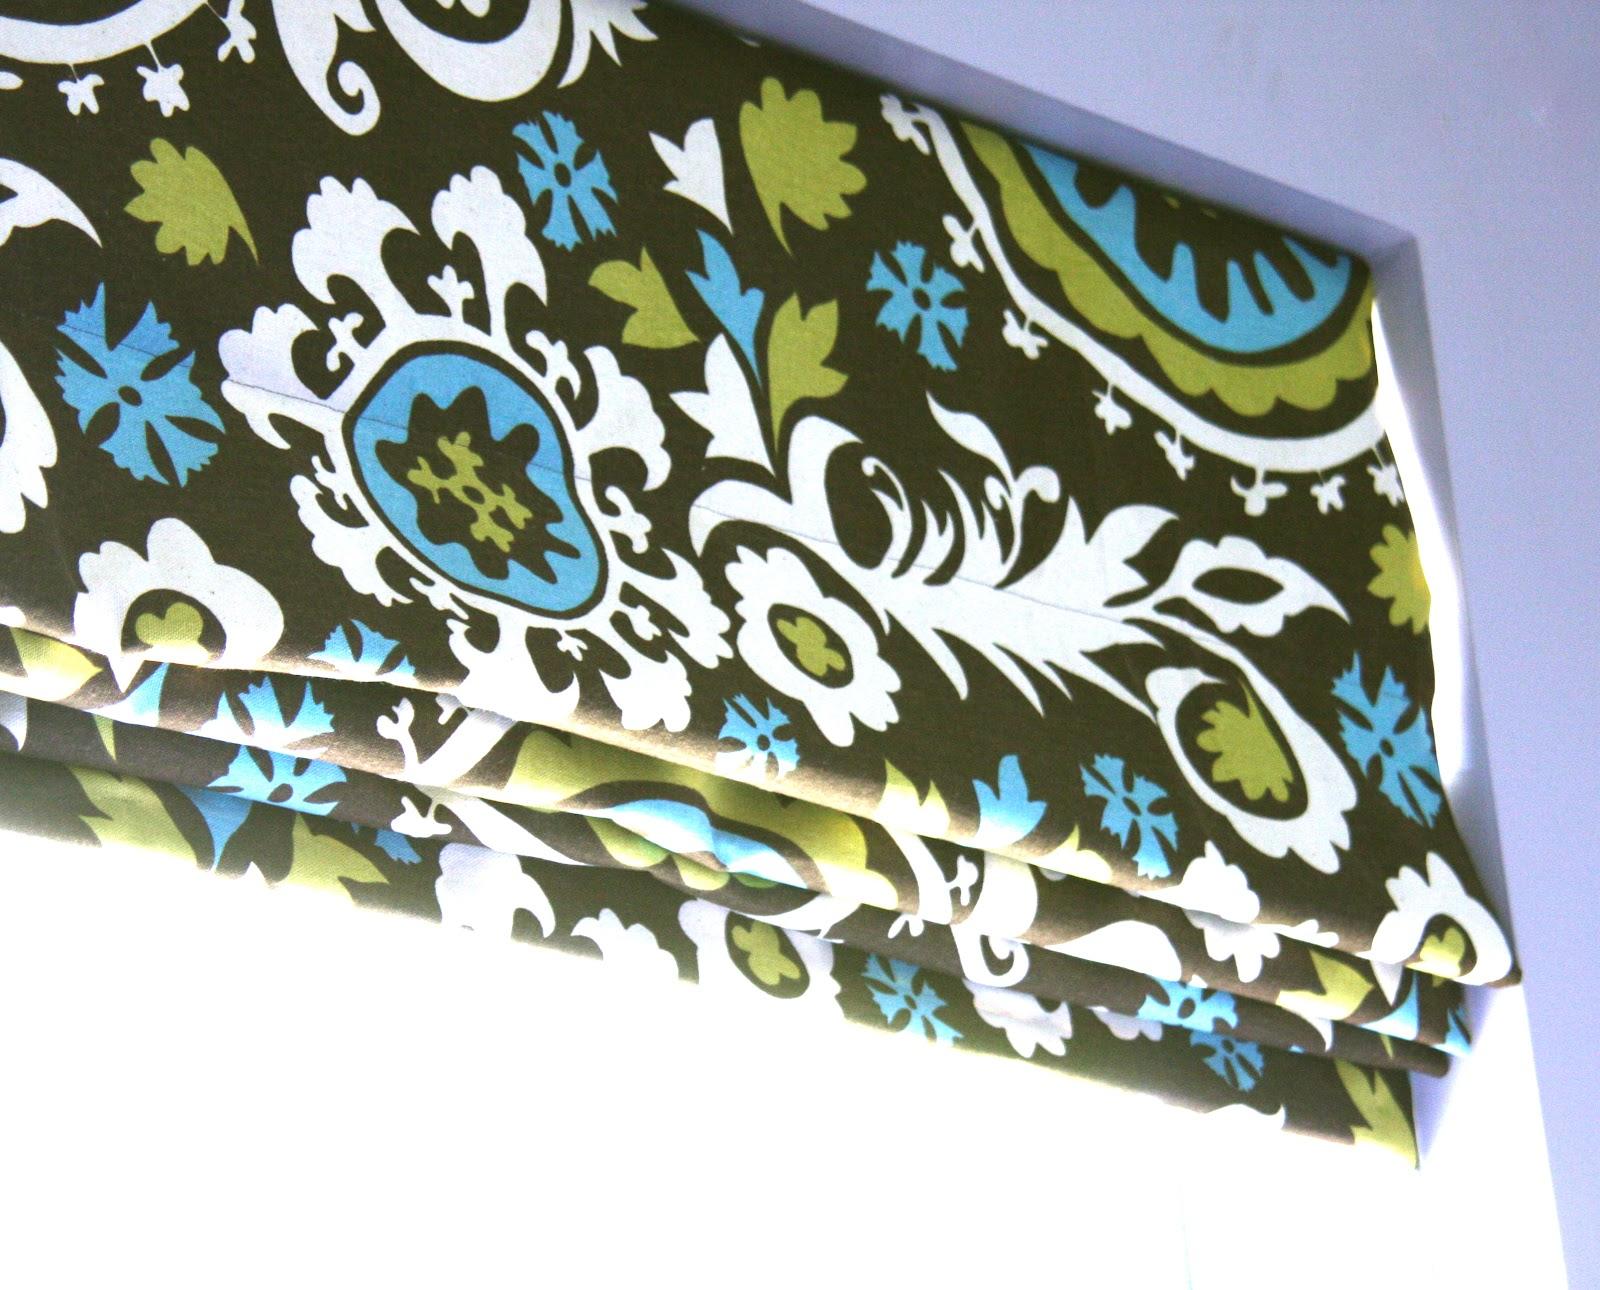 Ro Ro Roman Shade Curtain Patterns - June 17 2011